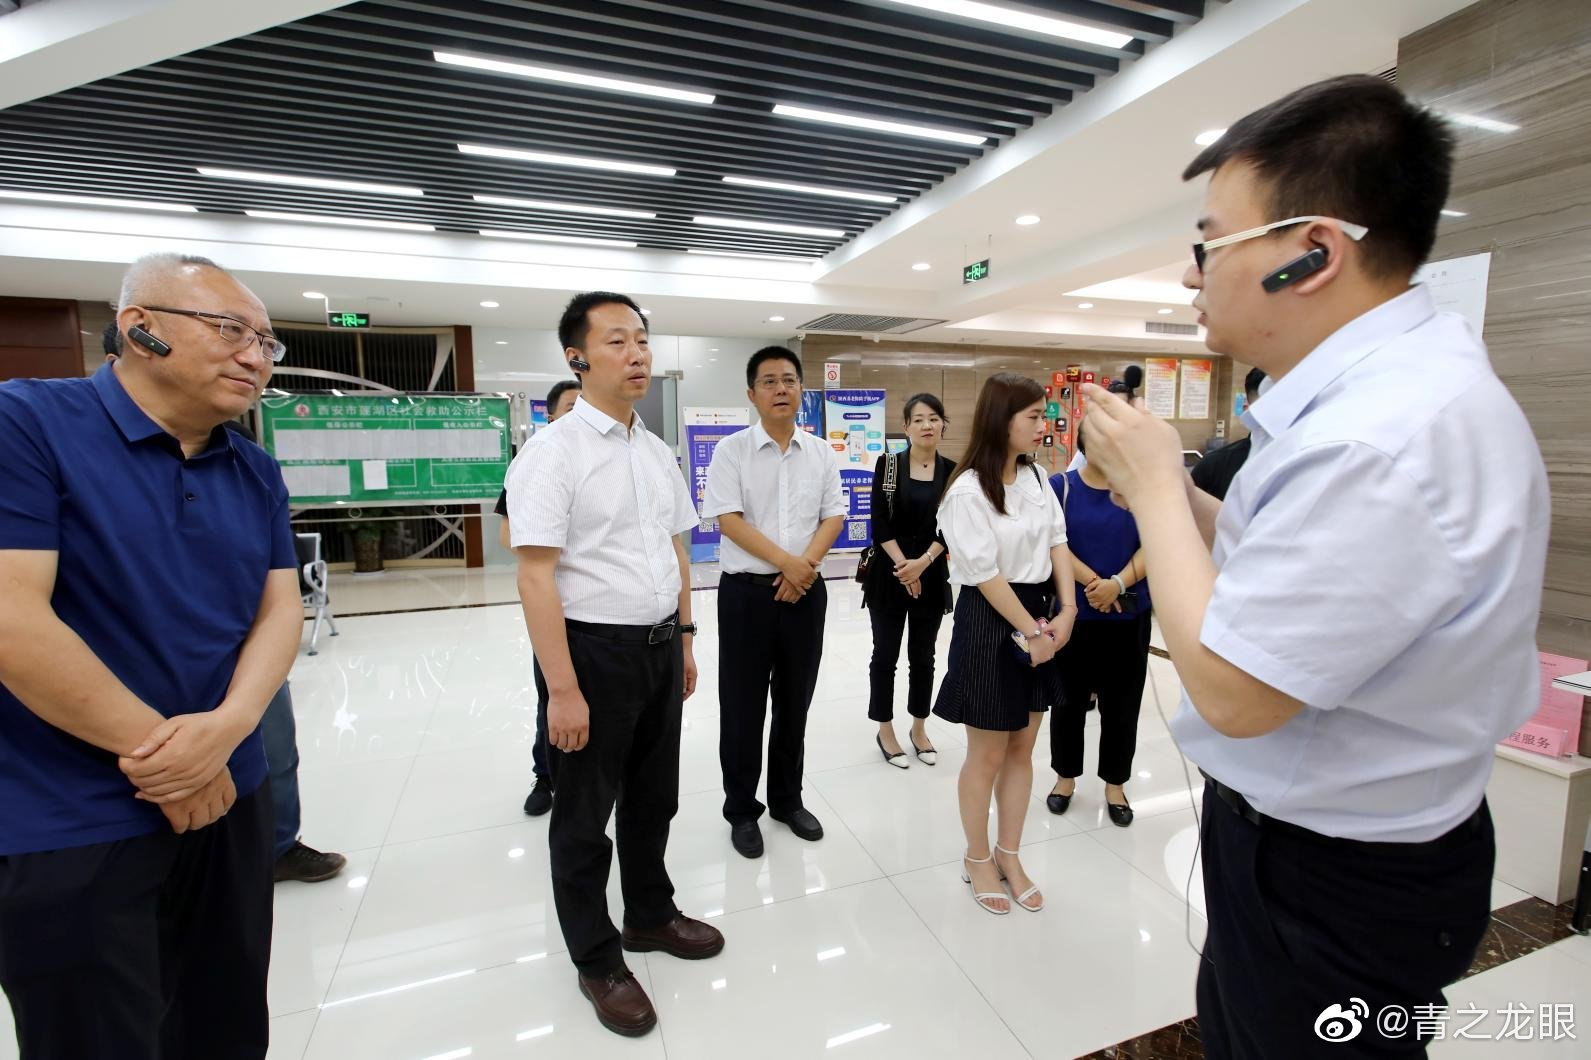 西安市行政审批局组织政务服务改革体验官开展体验式调研